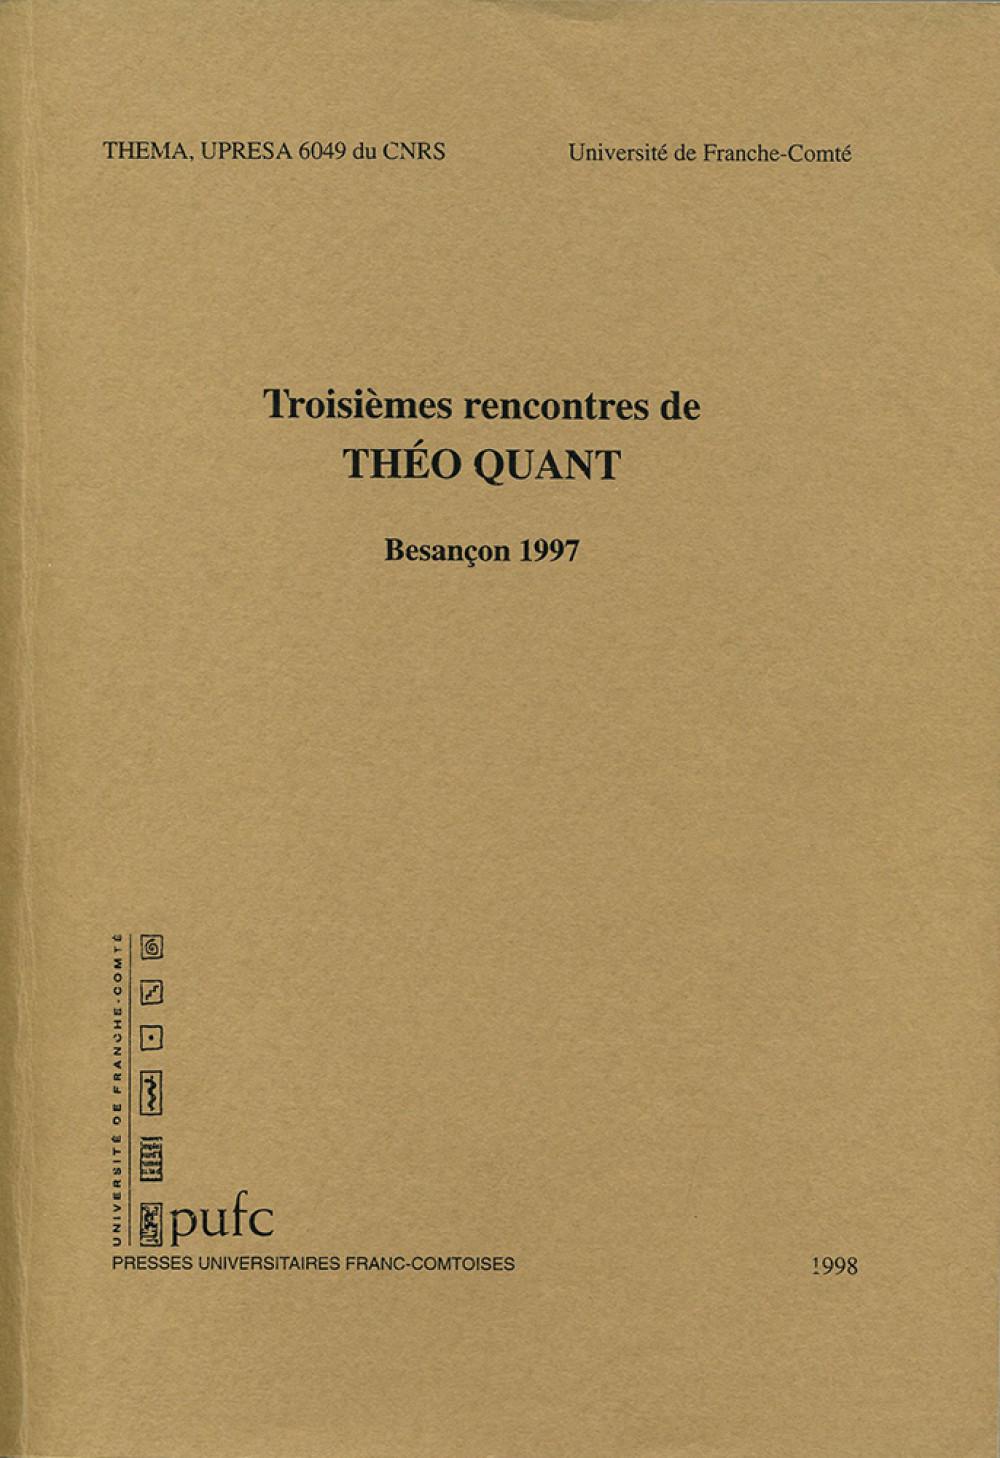 Troisièmes rencontres de Théo Quant, 1997